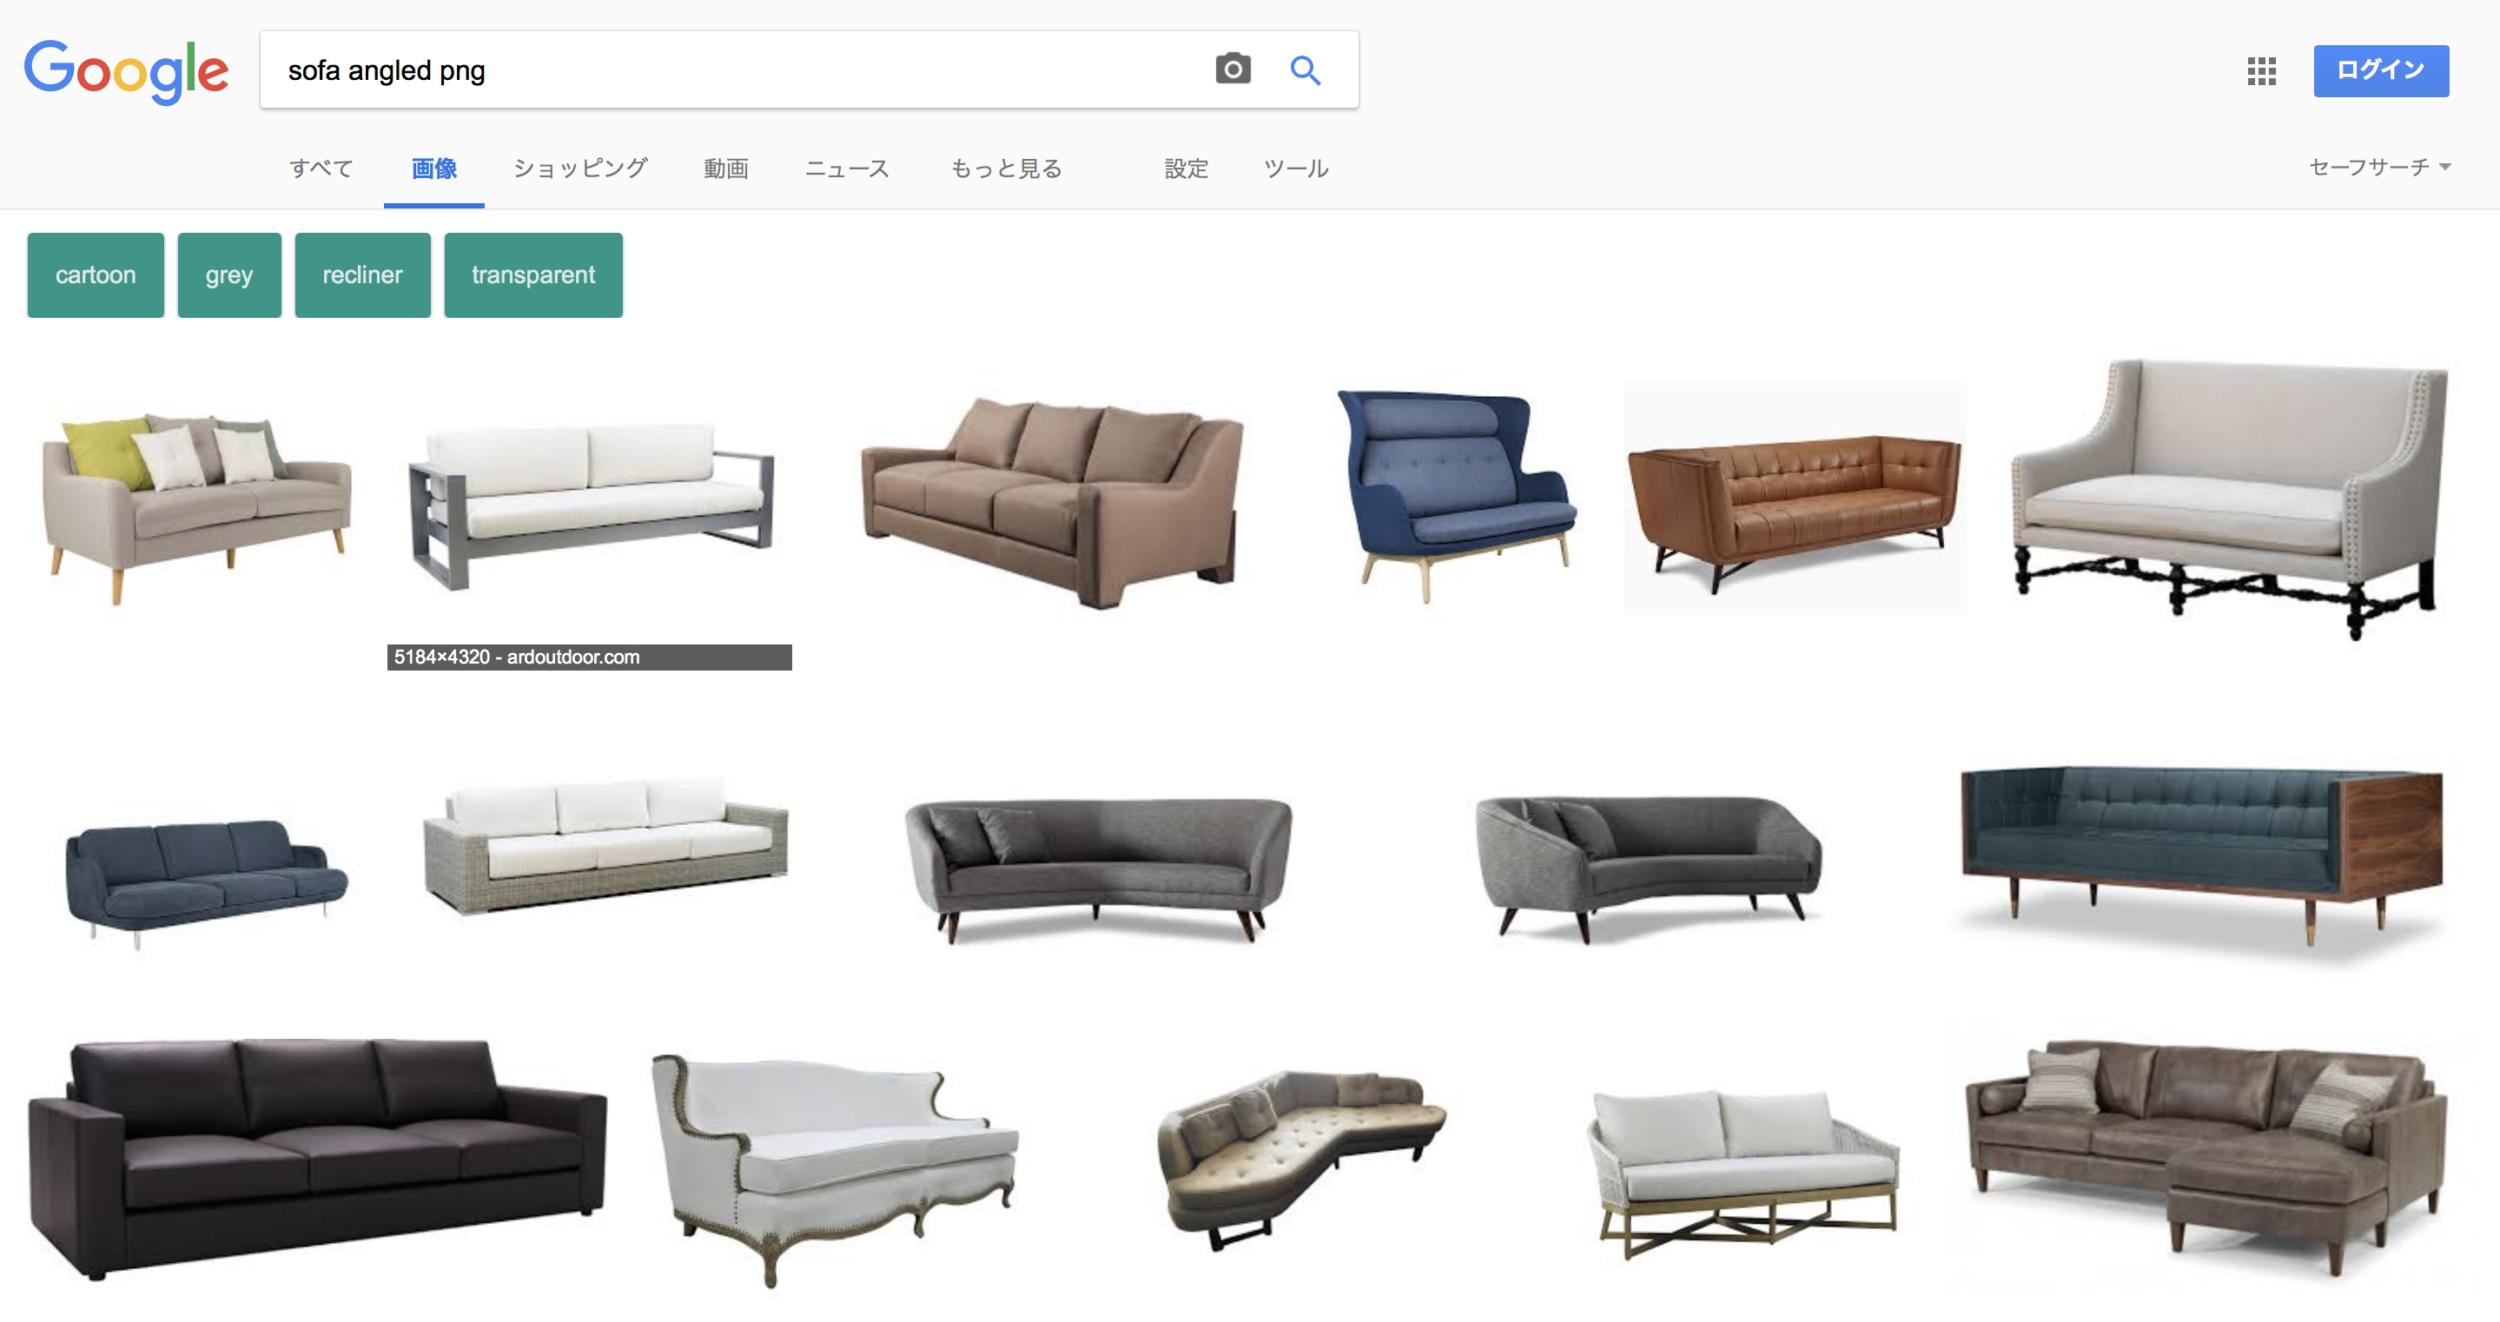 建築パースの添景検索キーワードまとめ!